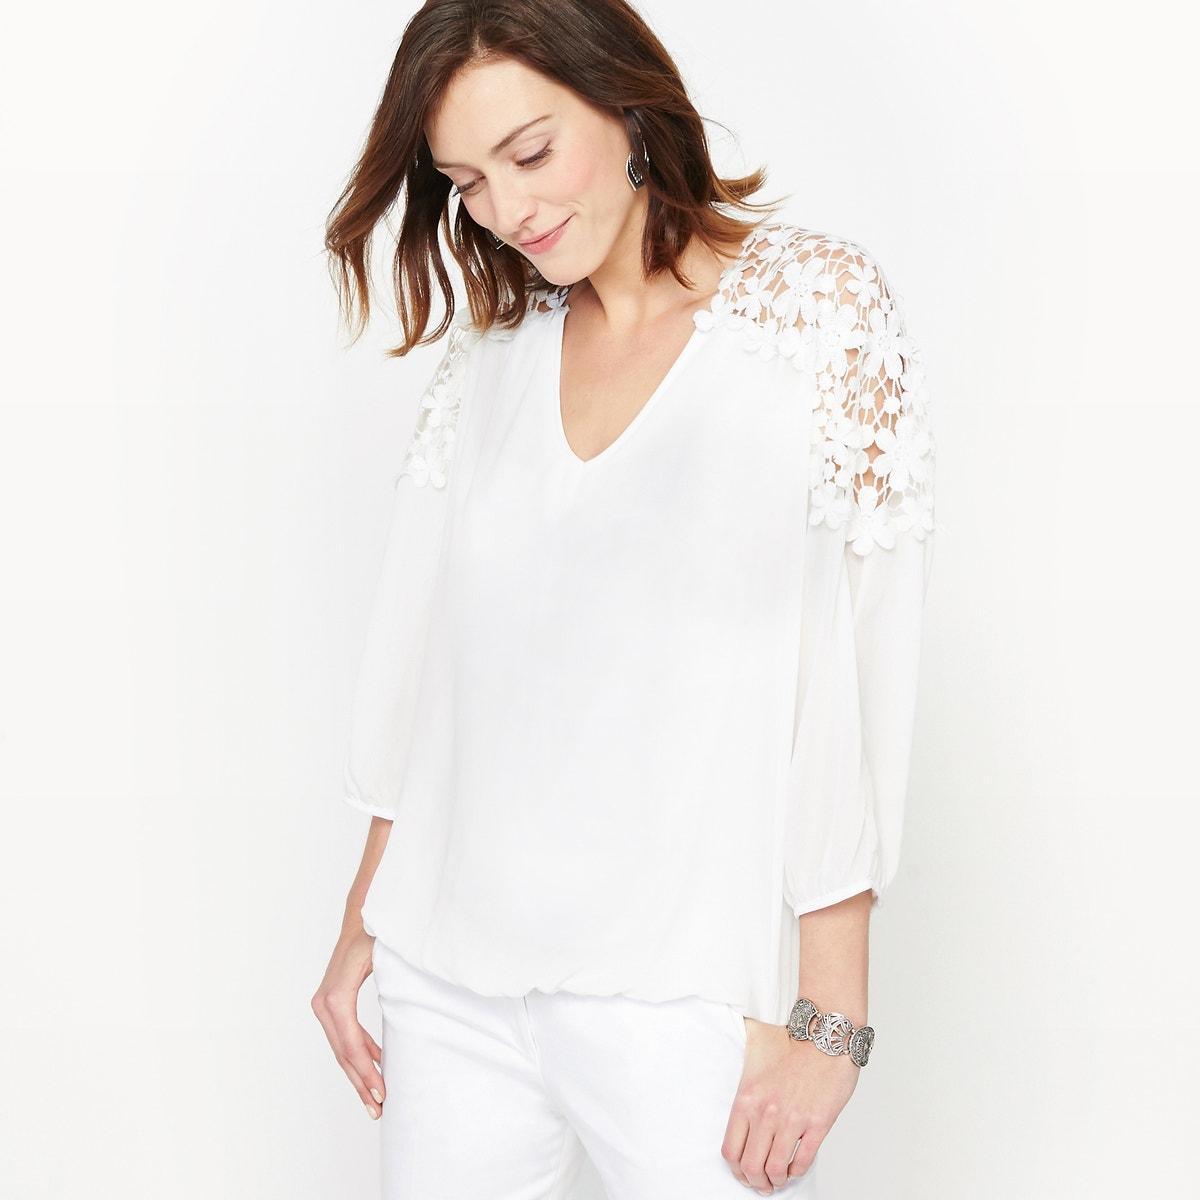 Κρεπ μπλούζα με γκιπούρ δαντέλα γυναικα   μπλούζες   πουκάμισα   τοπ